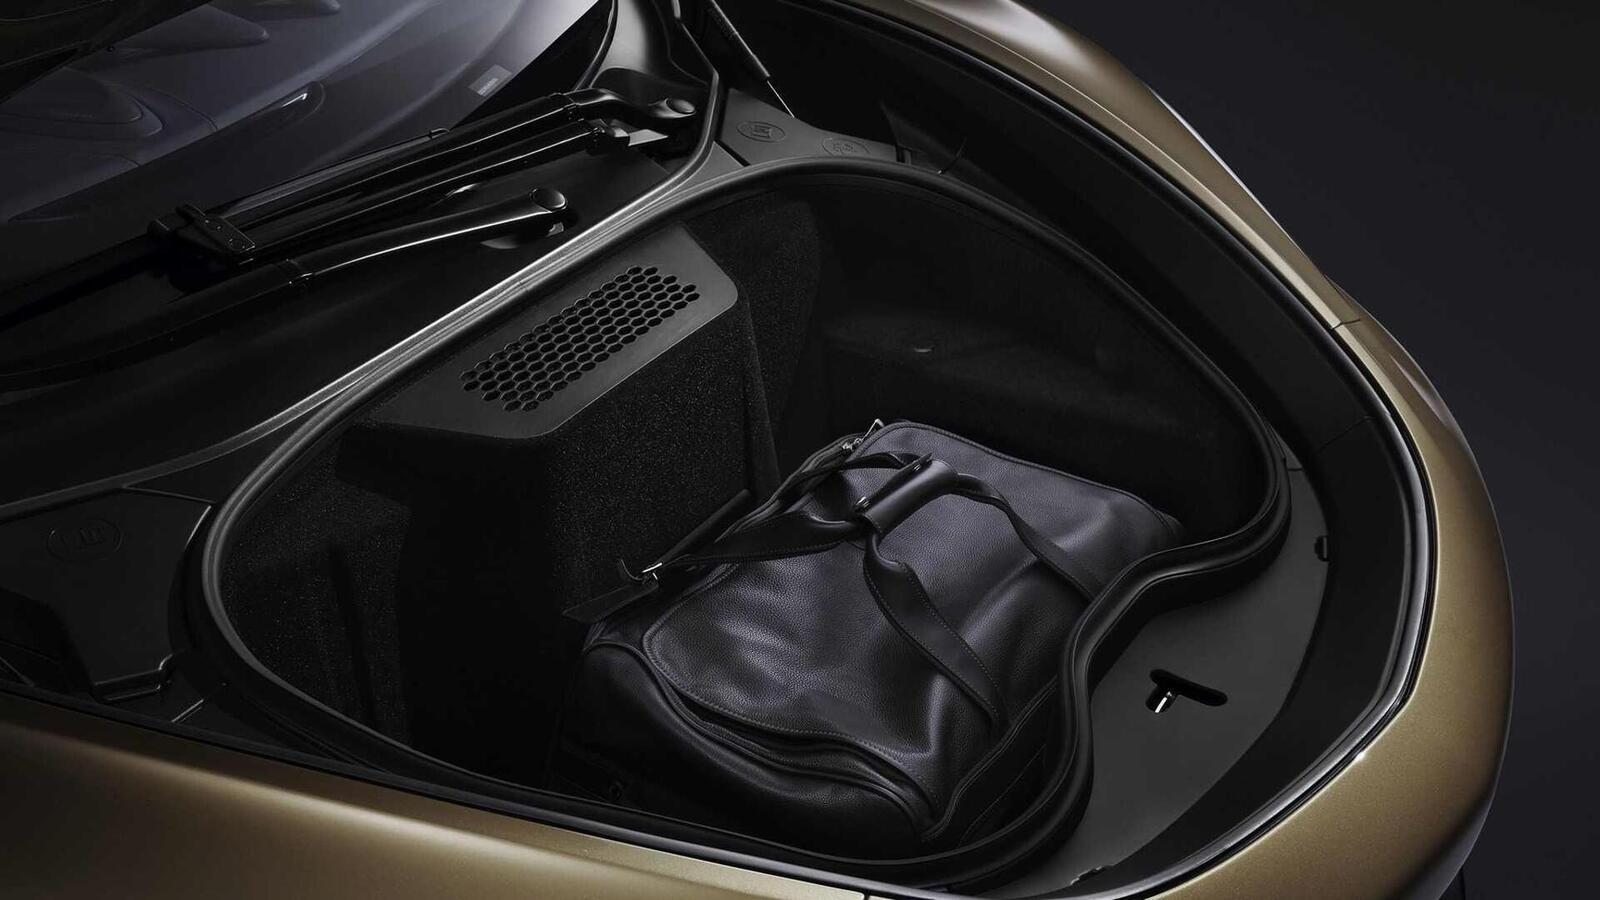 McLaren giới thiệu siêu xe GT 2020 hoàn toàn mới: Động cơ mạnh mẽ và cabin thoải mái - Hình 5